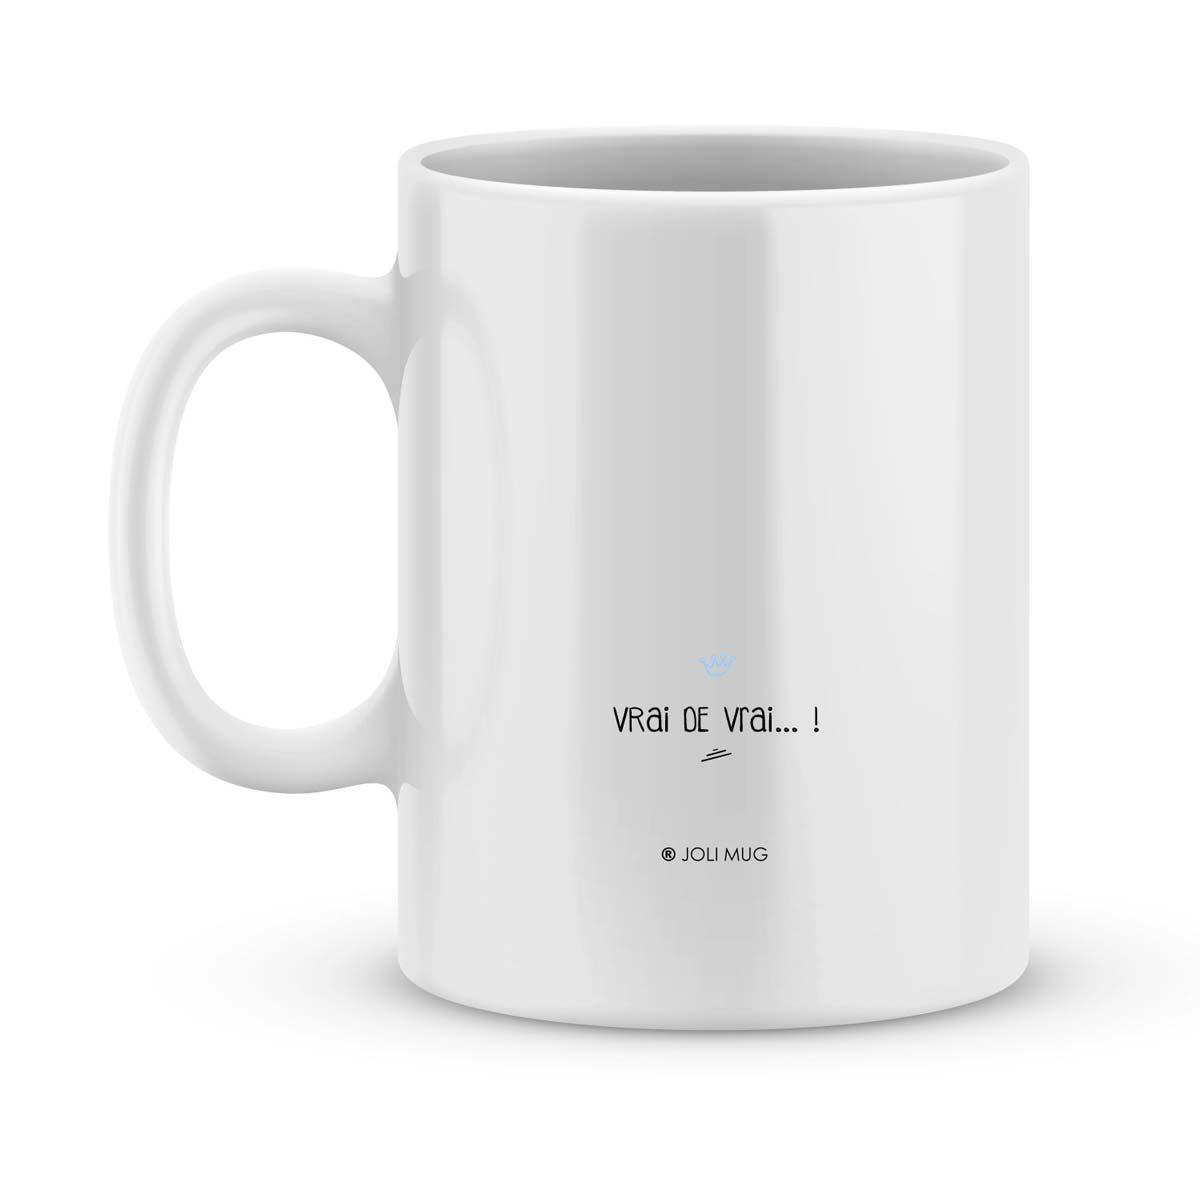 Tonton De Mug Avec Terre Personnalisé Prénom La Un Meilleur Nw8Ovnm0